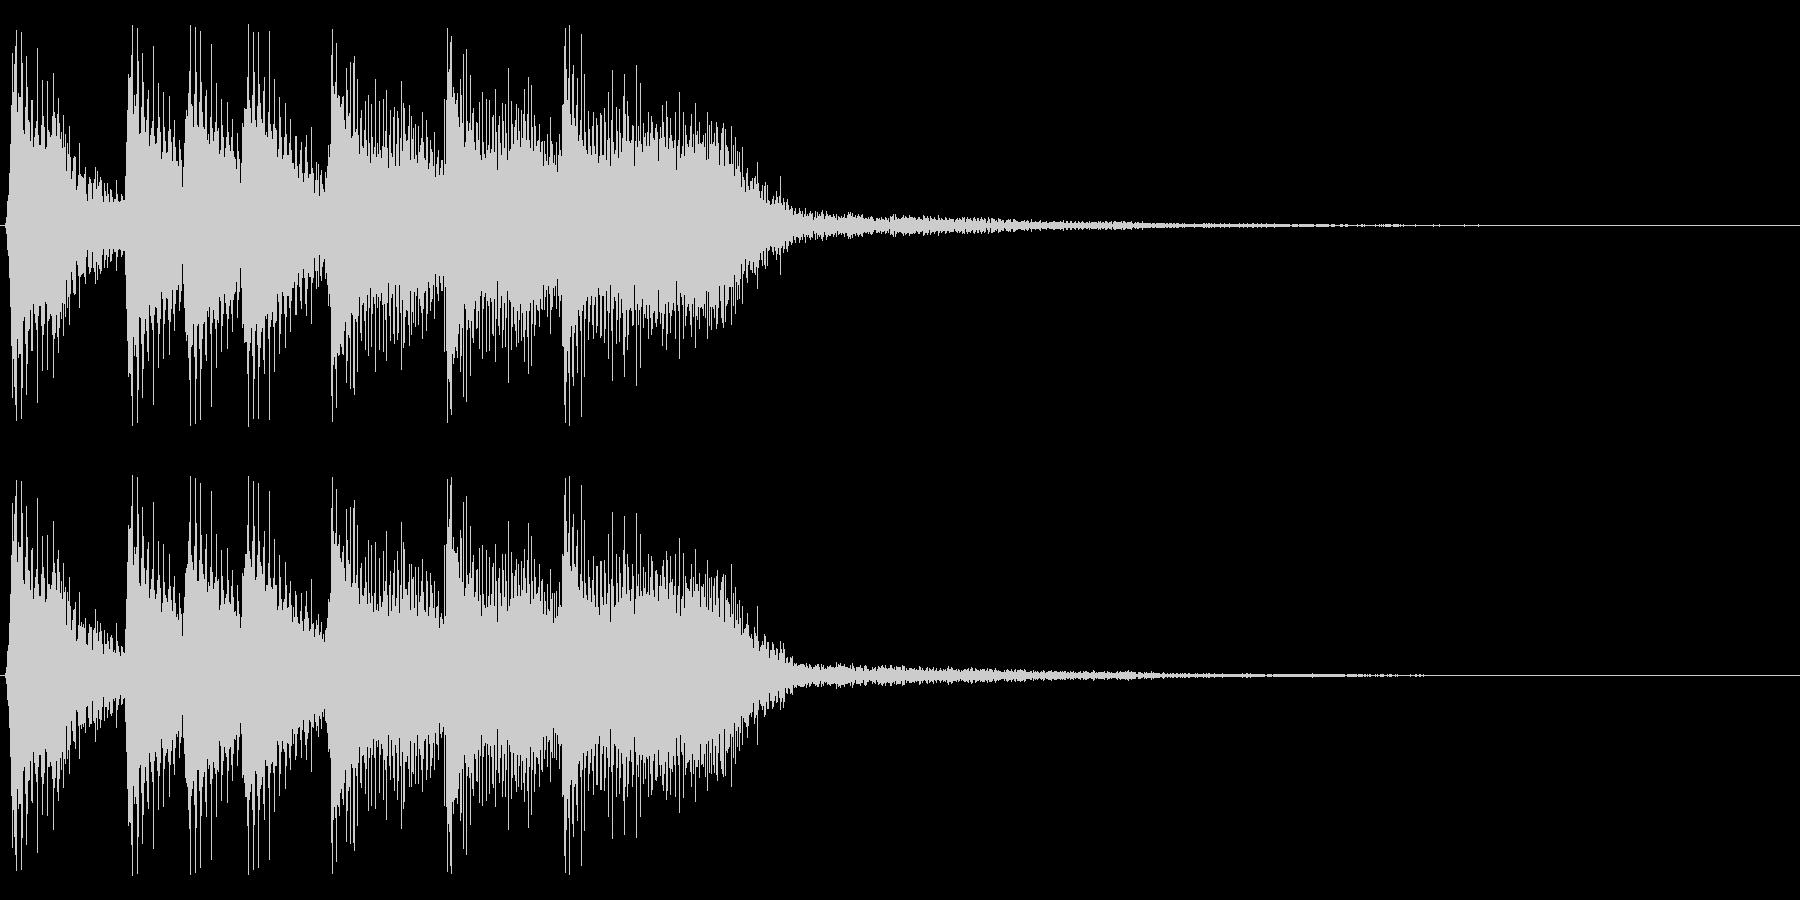 ファミコン風ゲームクリア音 レトロな音の未再生の波形